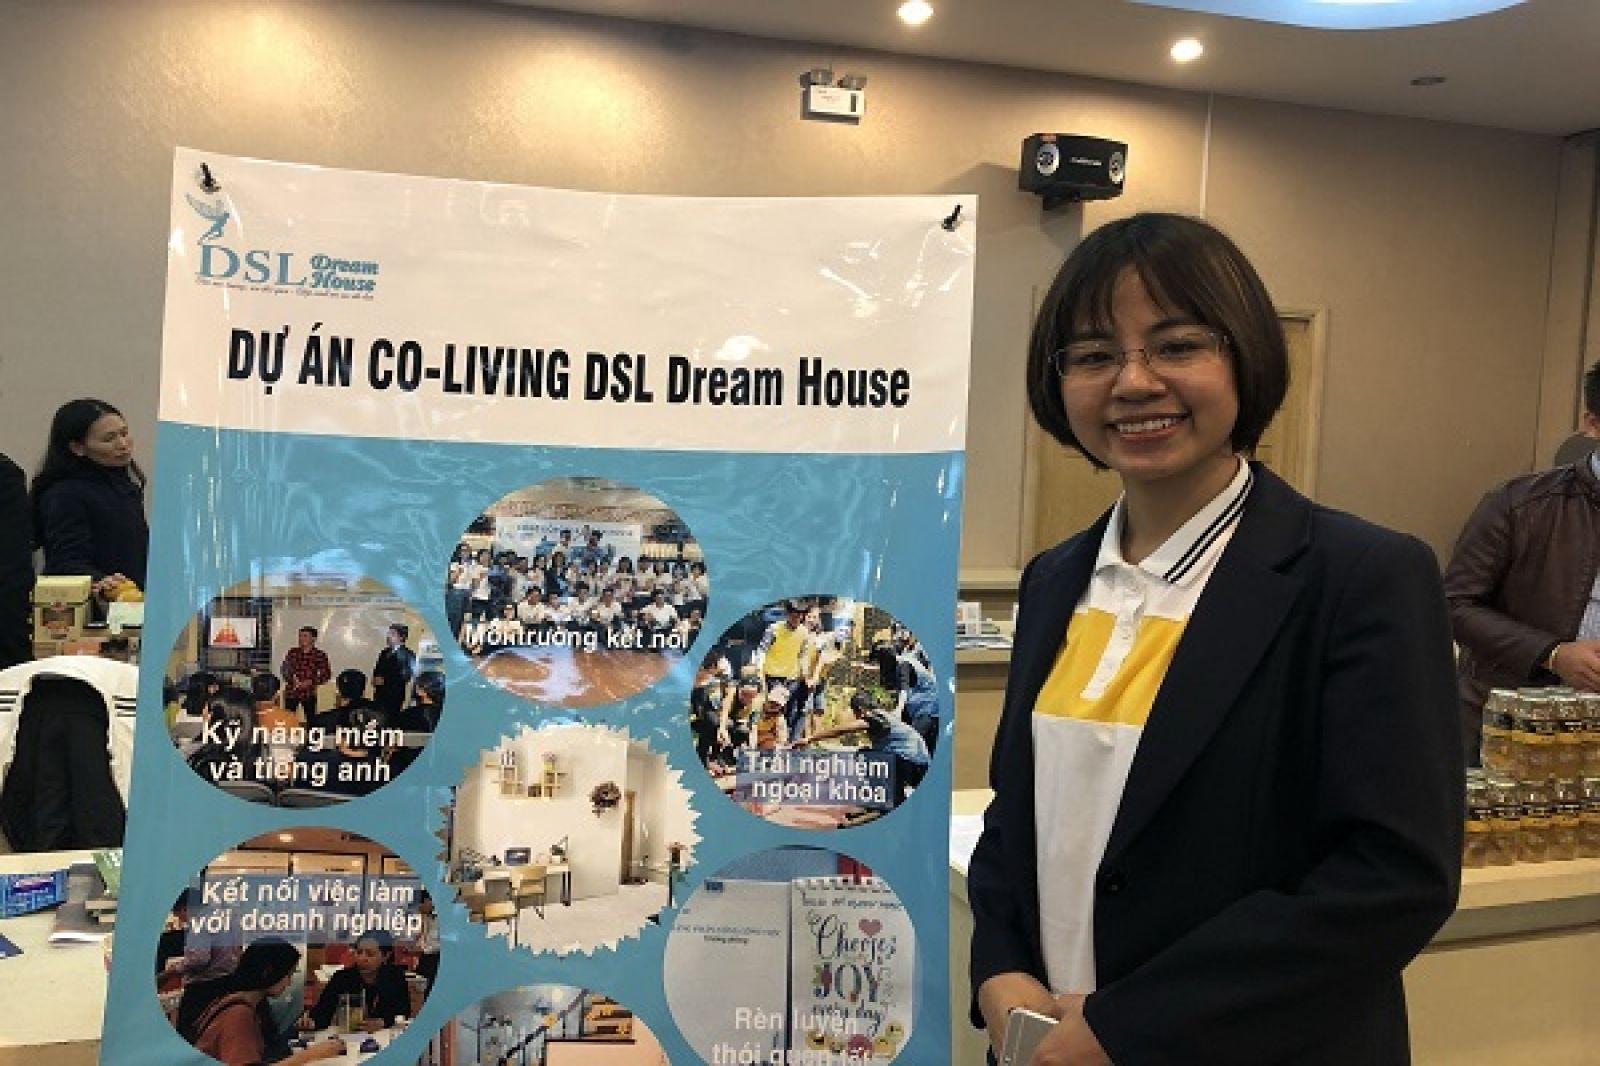 Chị Phan Thị Huế, founder dự án Co-Living DSL Dream House